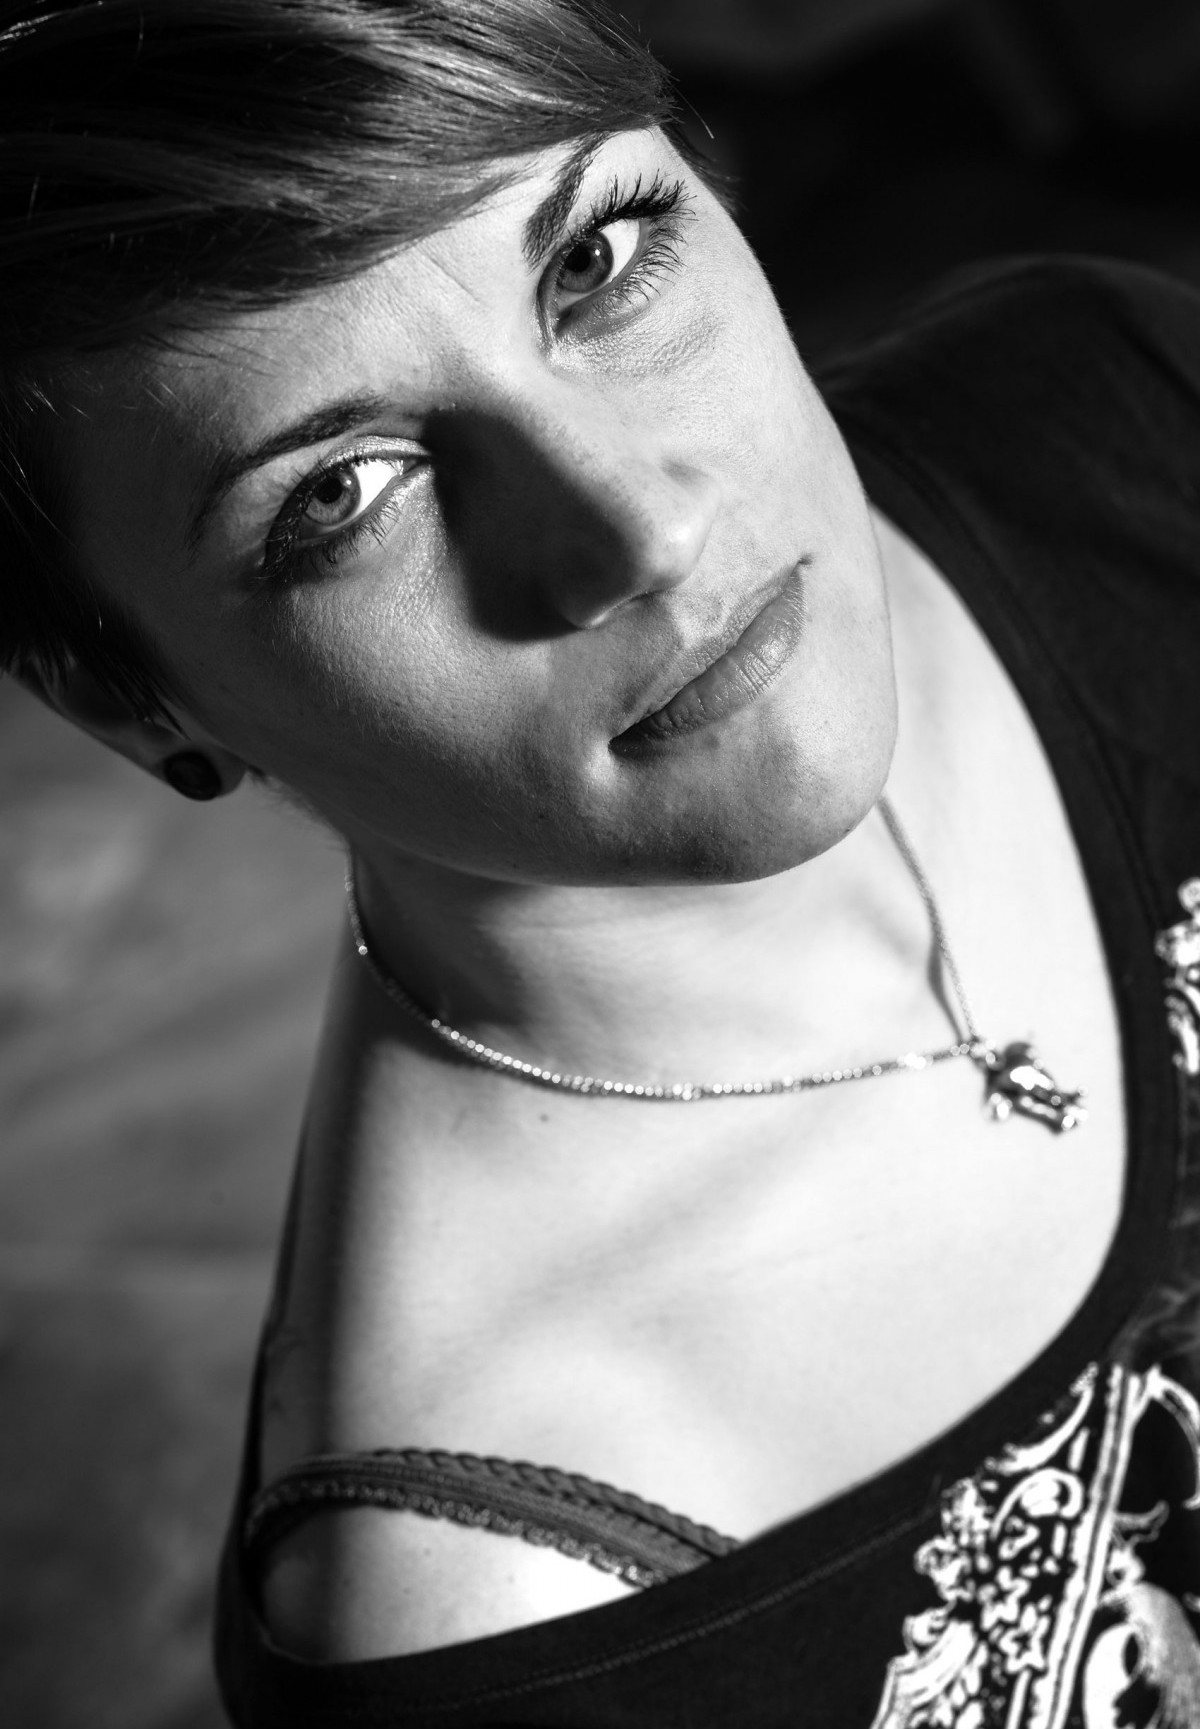 /Bild /Slika Kristina Mešnik - Copyright Karlheinz Fessl